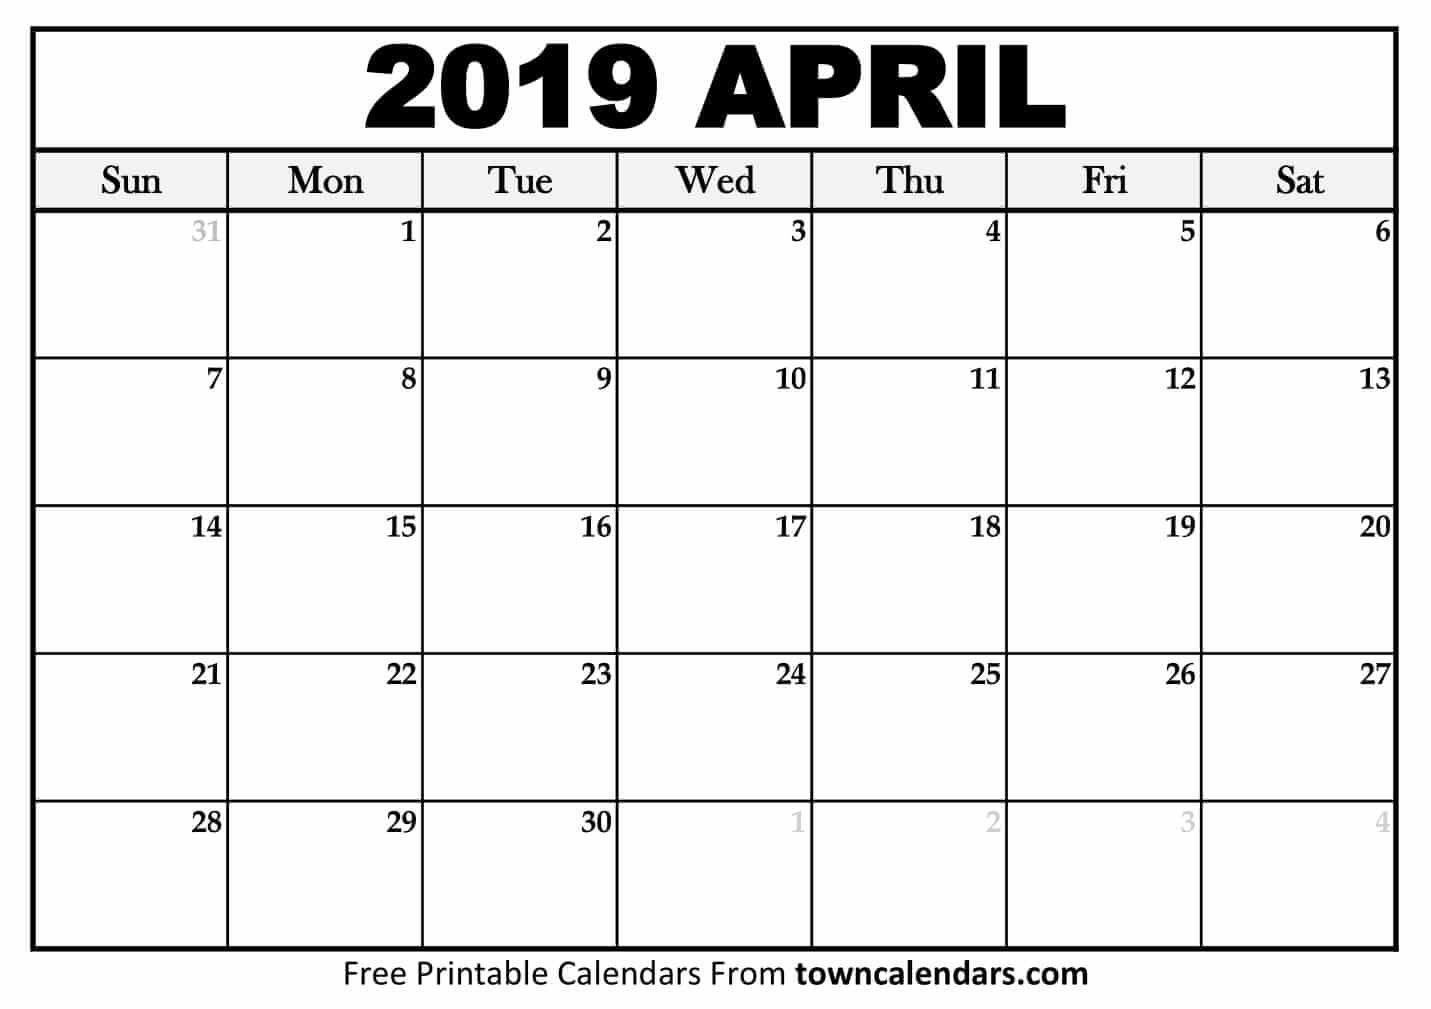 Printable April 2019 Calendar – Towncalendars Calendar April 6 2019